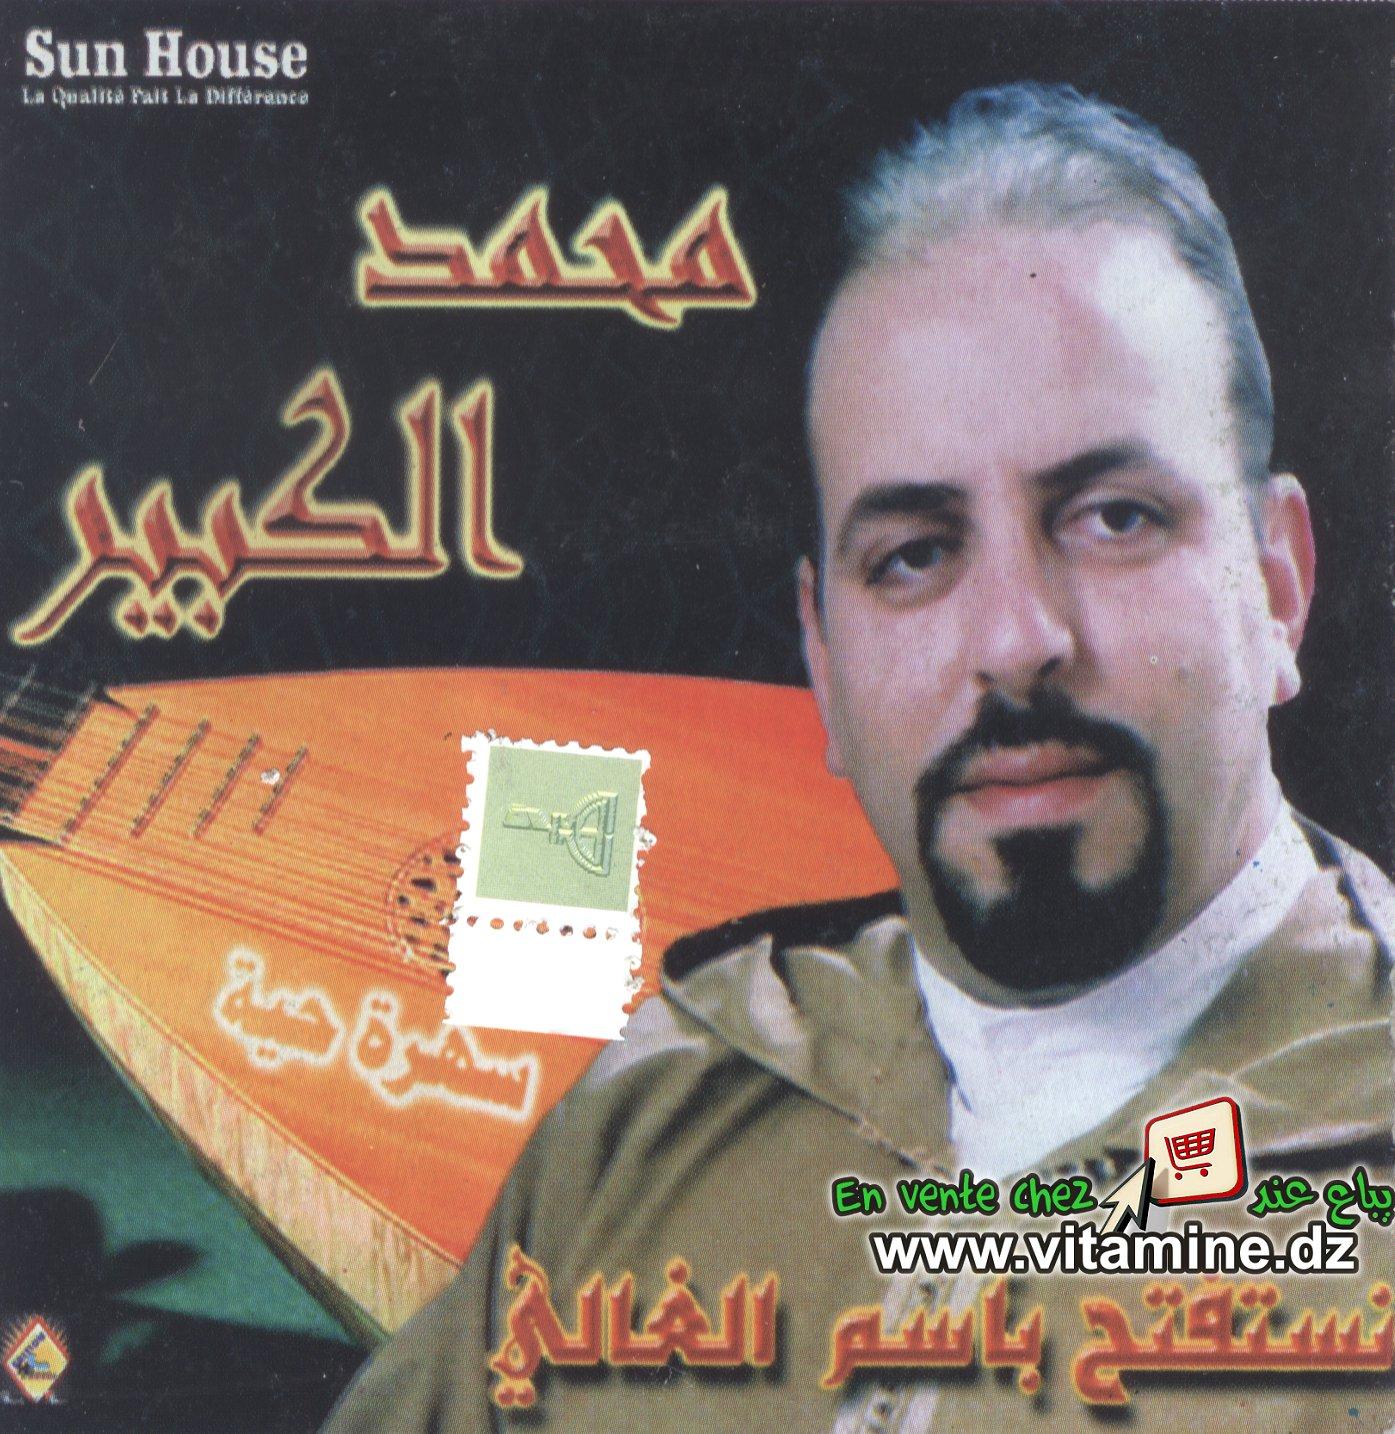 Mohamed El Kbir - nesteftah bismi El Ghali